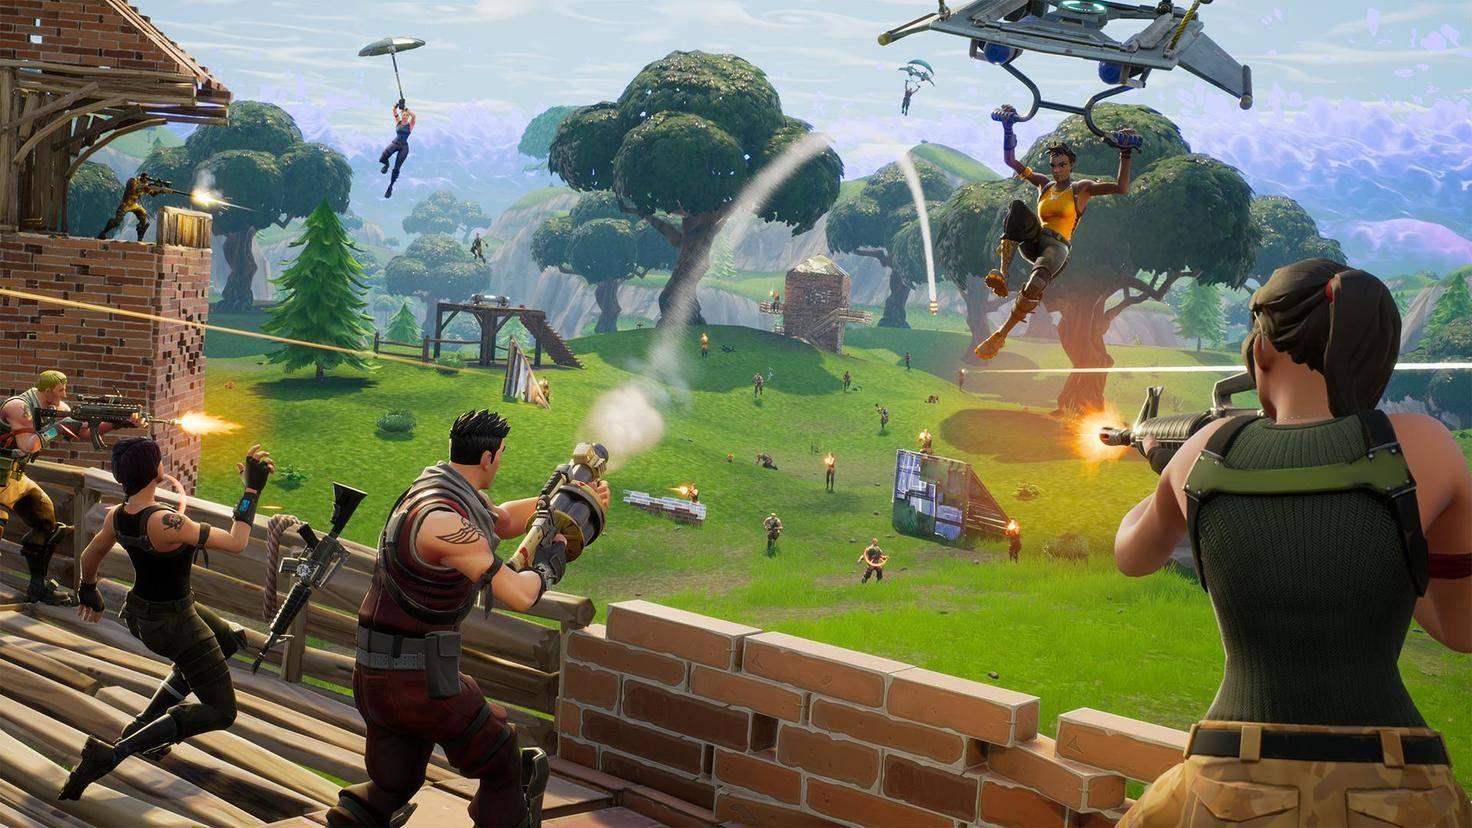 """Für actionreiche Spiele wie """"Fortnite: Battle Royale"""" empfiehlt sich eine höhere Upload-Geschwindigkeit."""